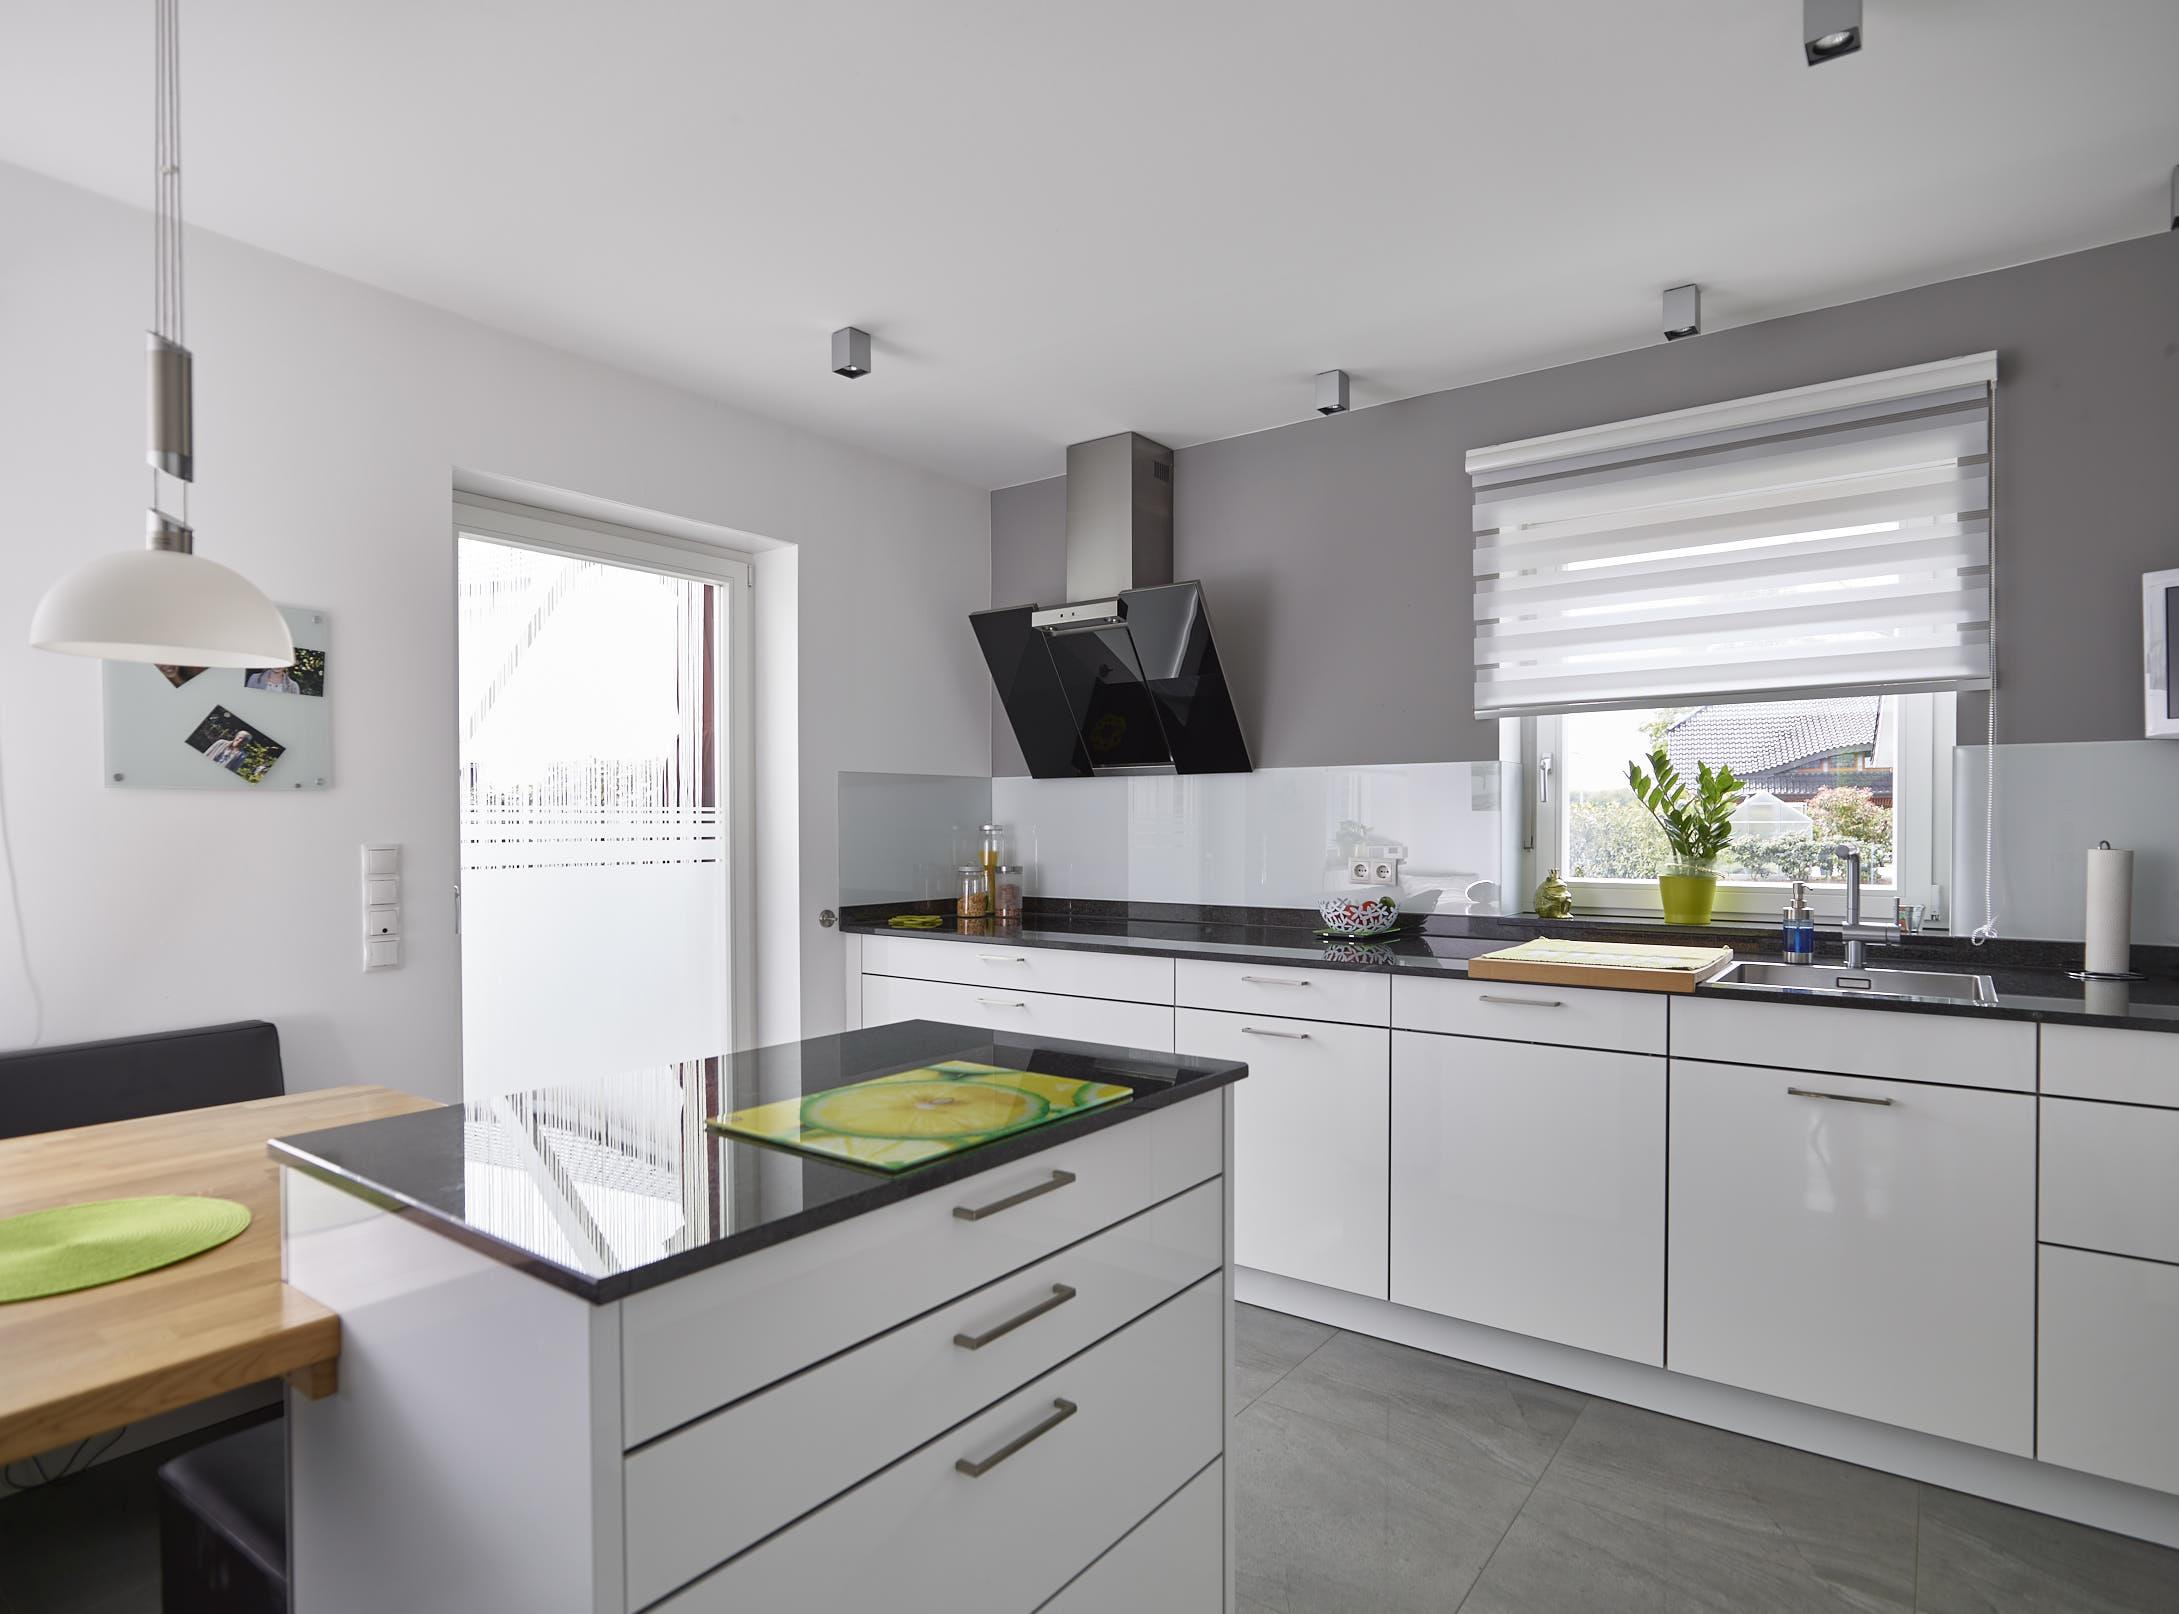 Küche modern weiß mit Insel & Tisch - Inneneinrichtung Ideen Einfamilienhaus Kastanienallee von GUSSEK HAUS - HausbauDirekt.de